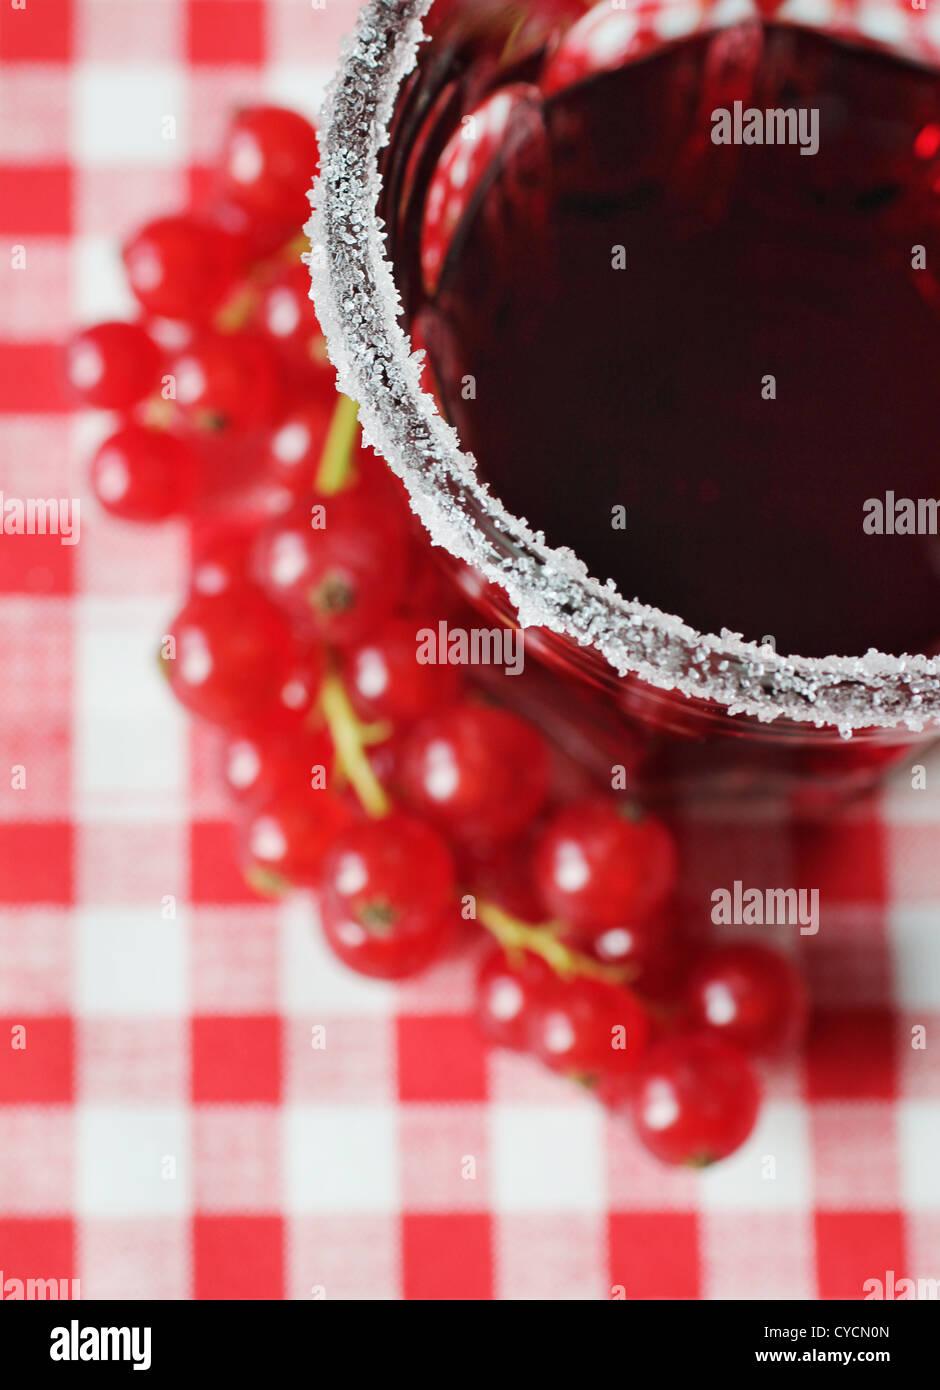 Succo di ribes,cerchio di zucchero Immagini Stock